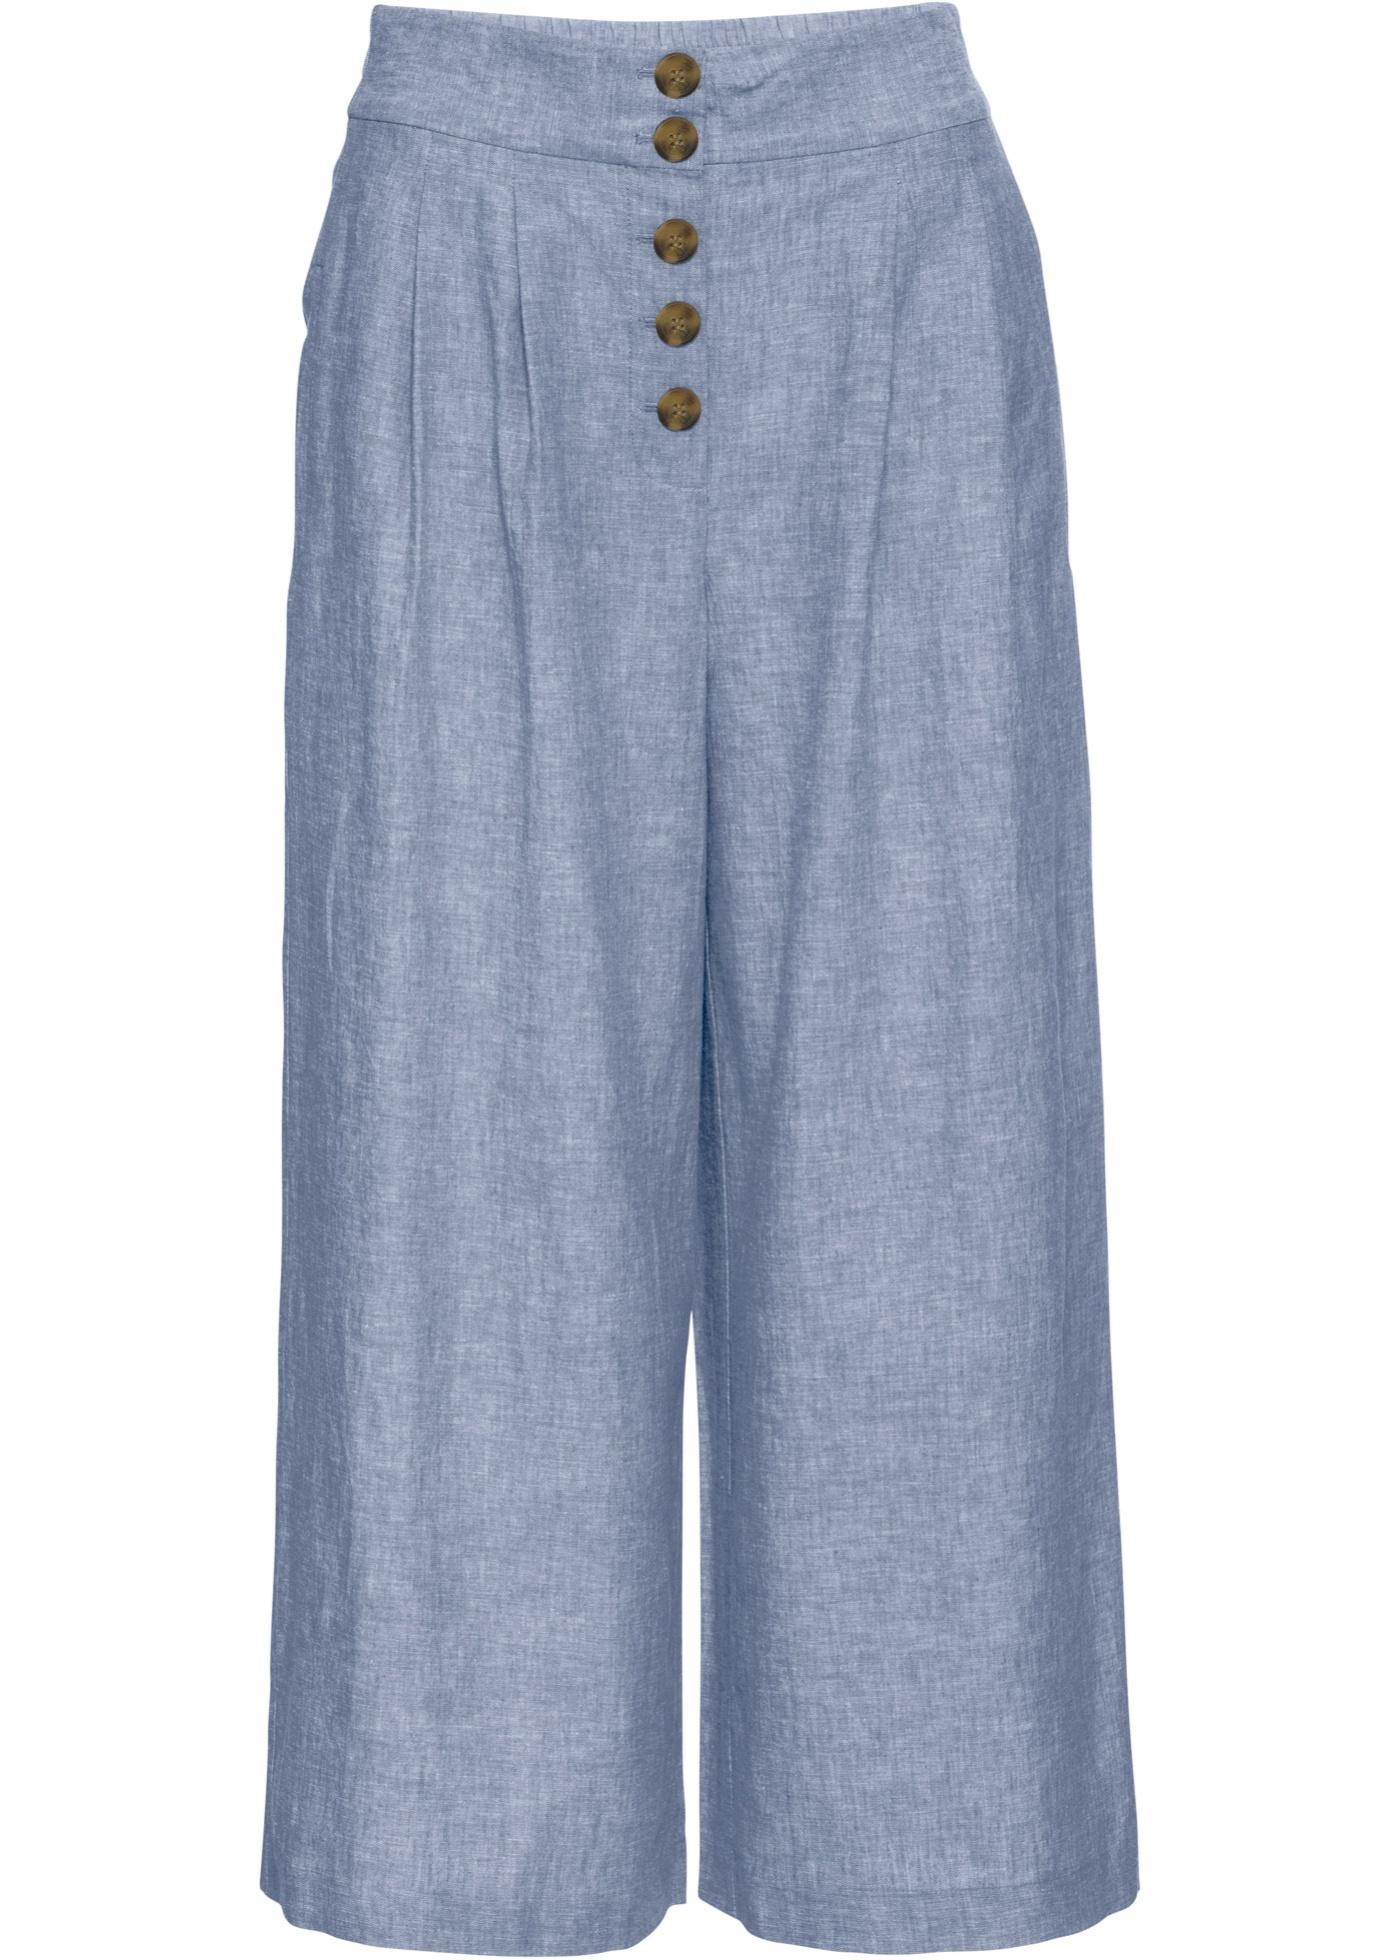 Culotte mit Knöpfen in blau für Damen von bonprix